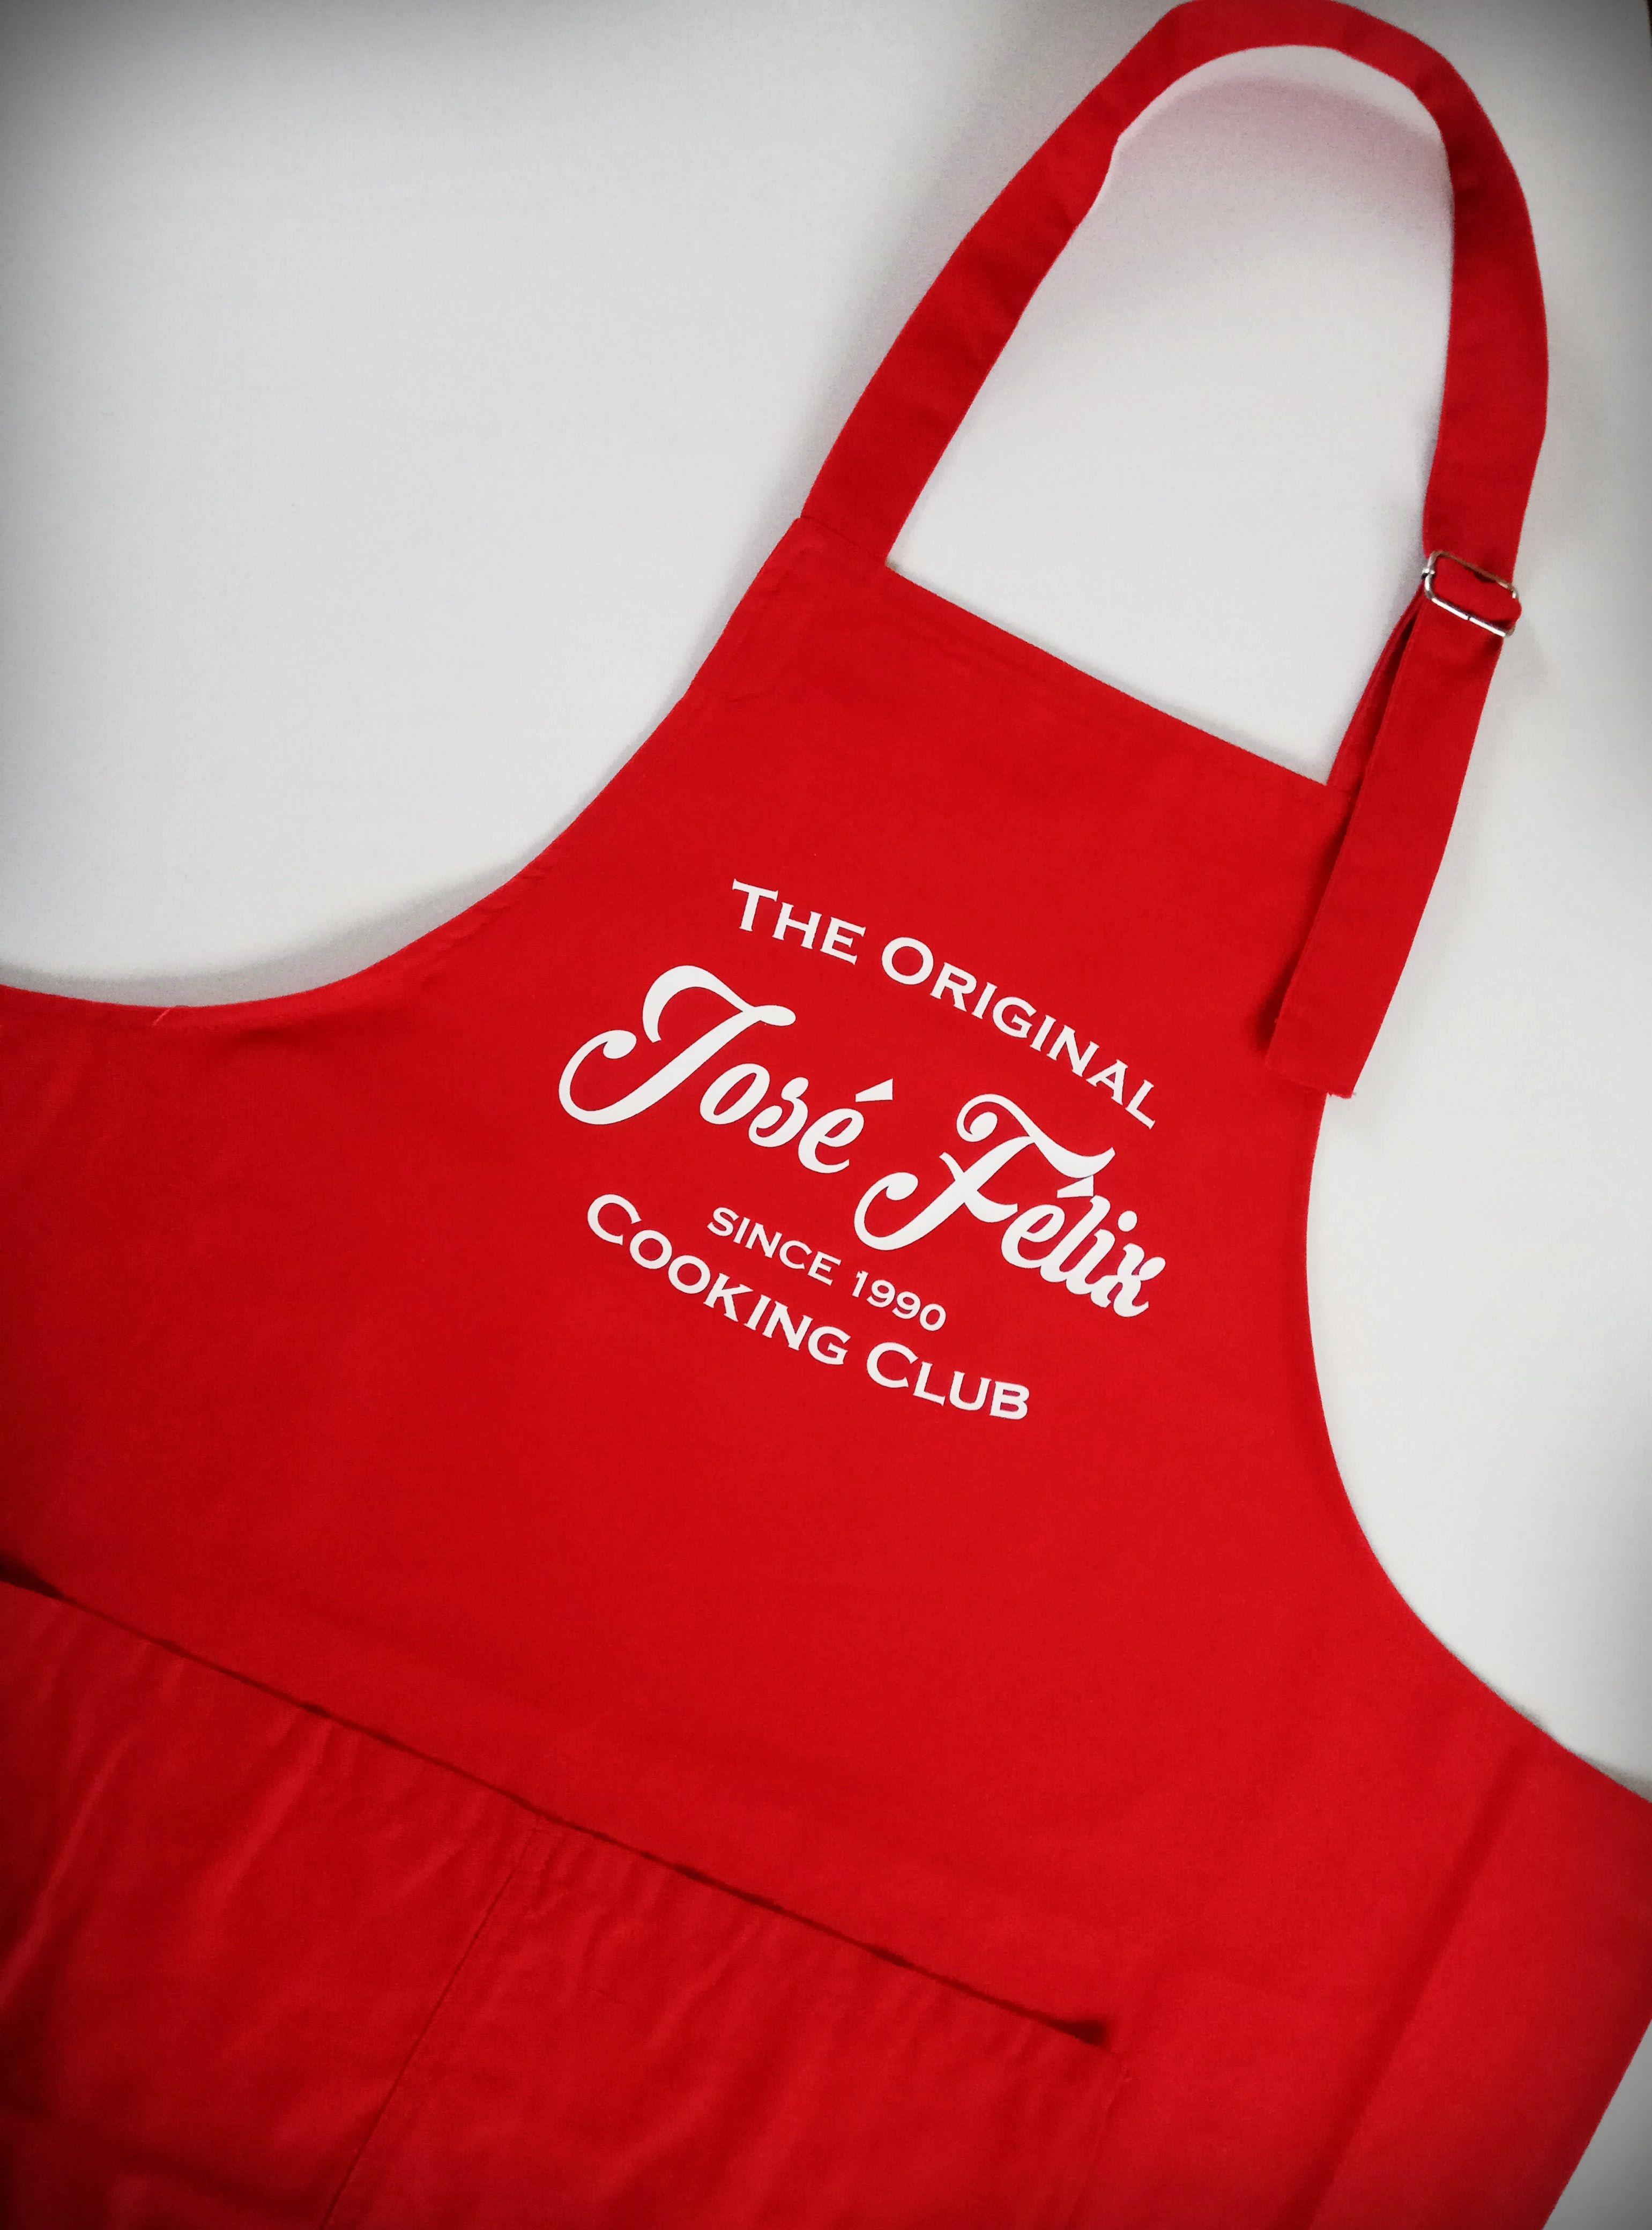 Tablier De Cuisine Personnalise Cooking Club Tablier Cuisine Tablier De Cuisine Personnalise Tablier